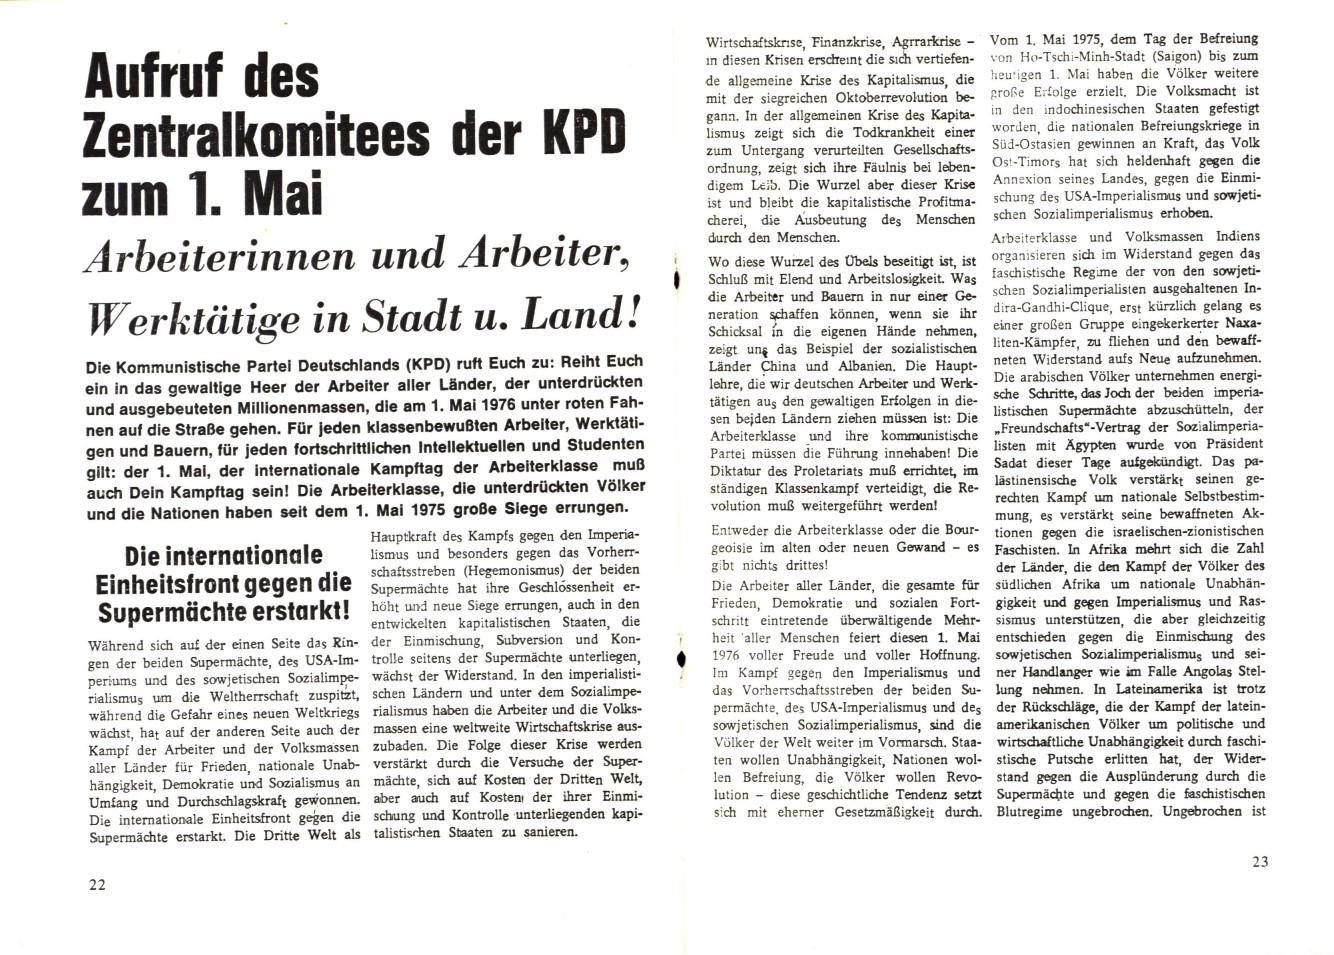 KPDAO_1976_Artikel_DKP_Breschnew_13